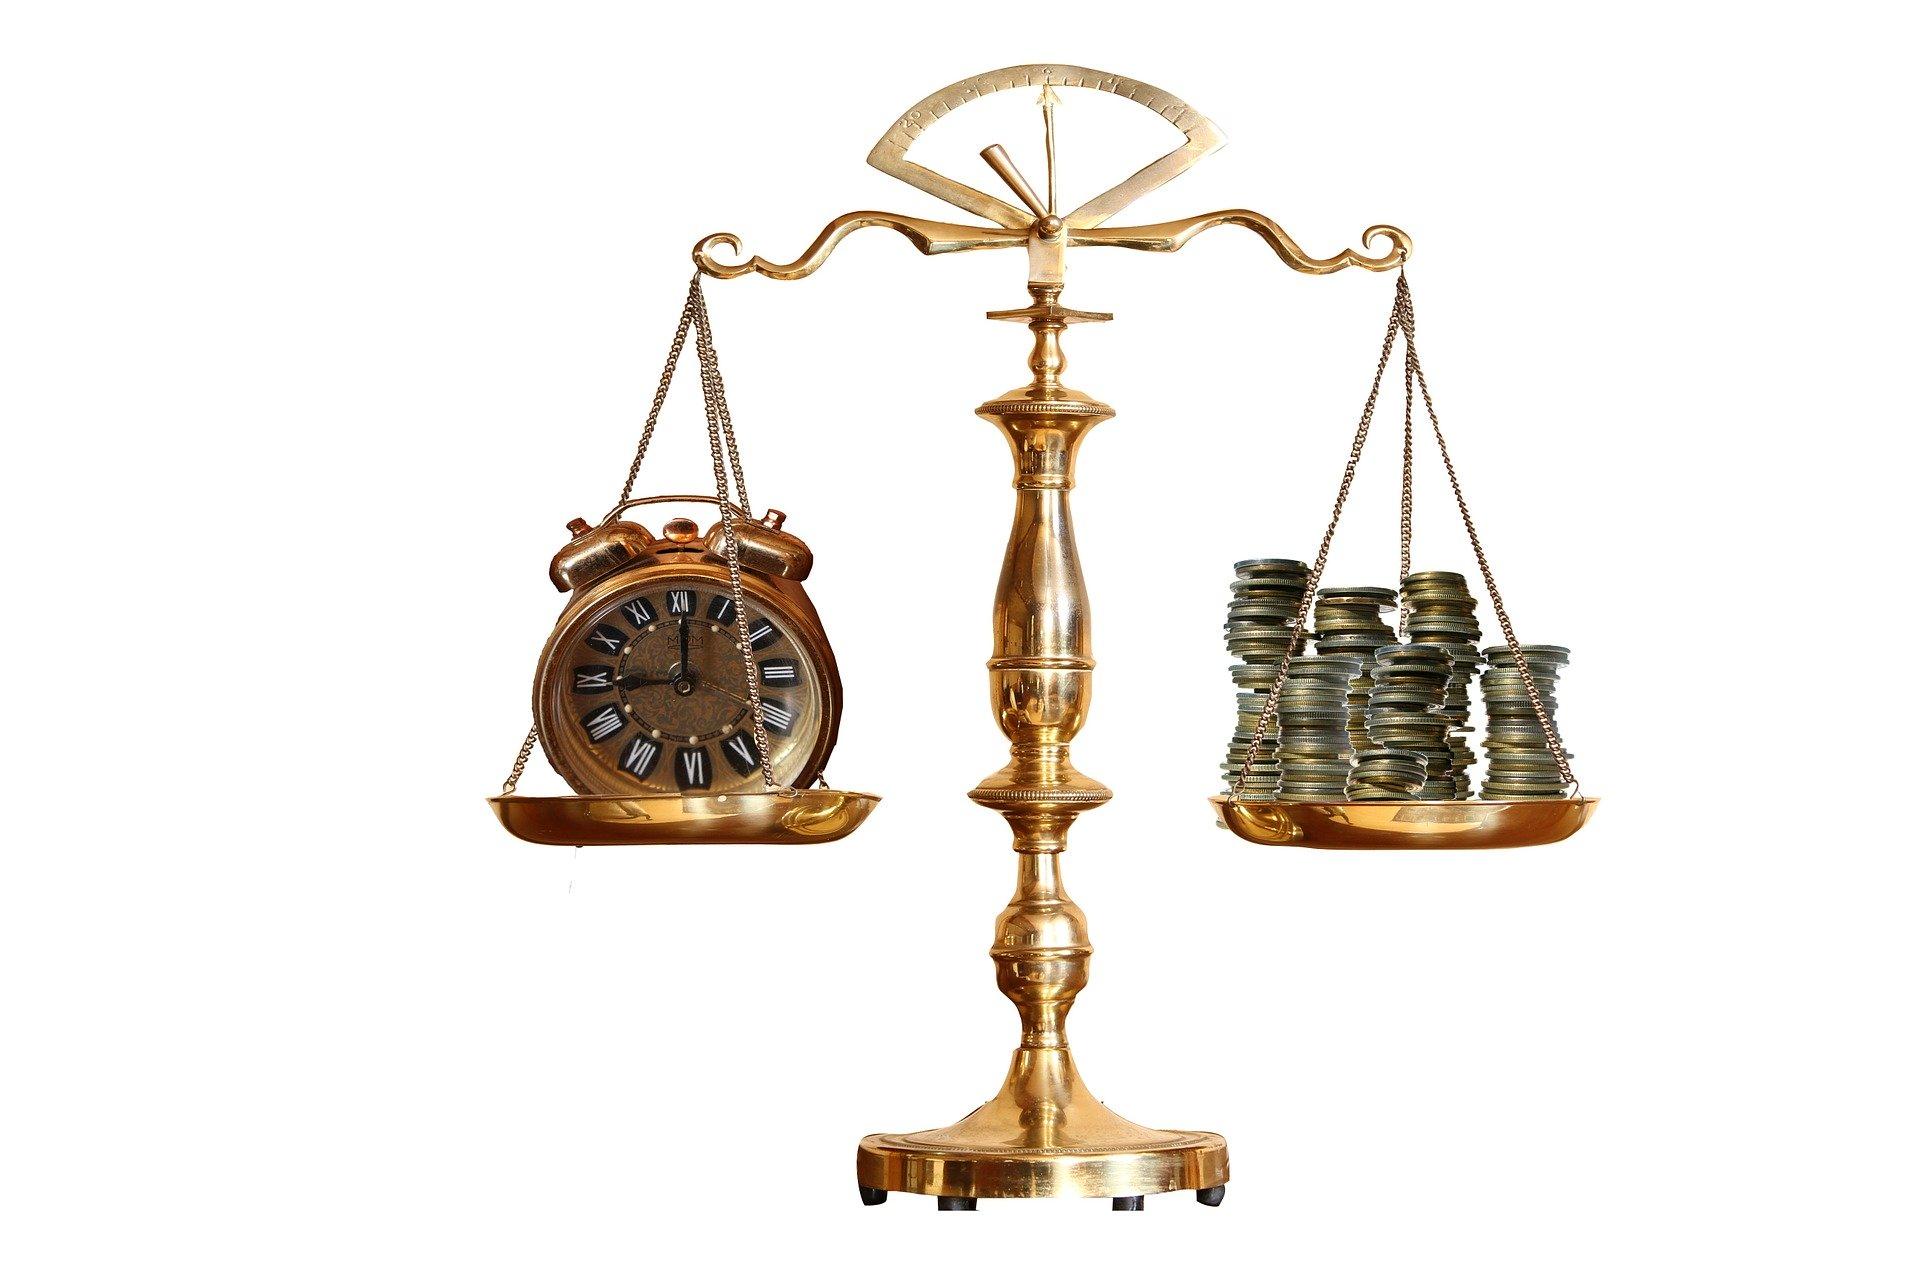 資産(お金)を守る法律について 第3回目